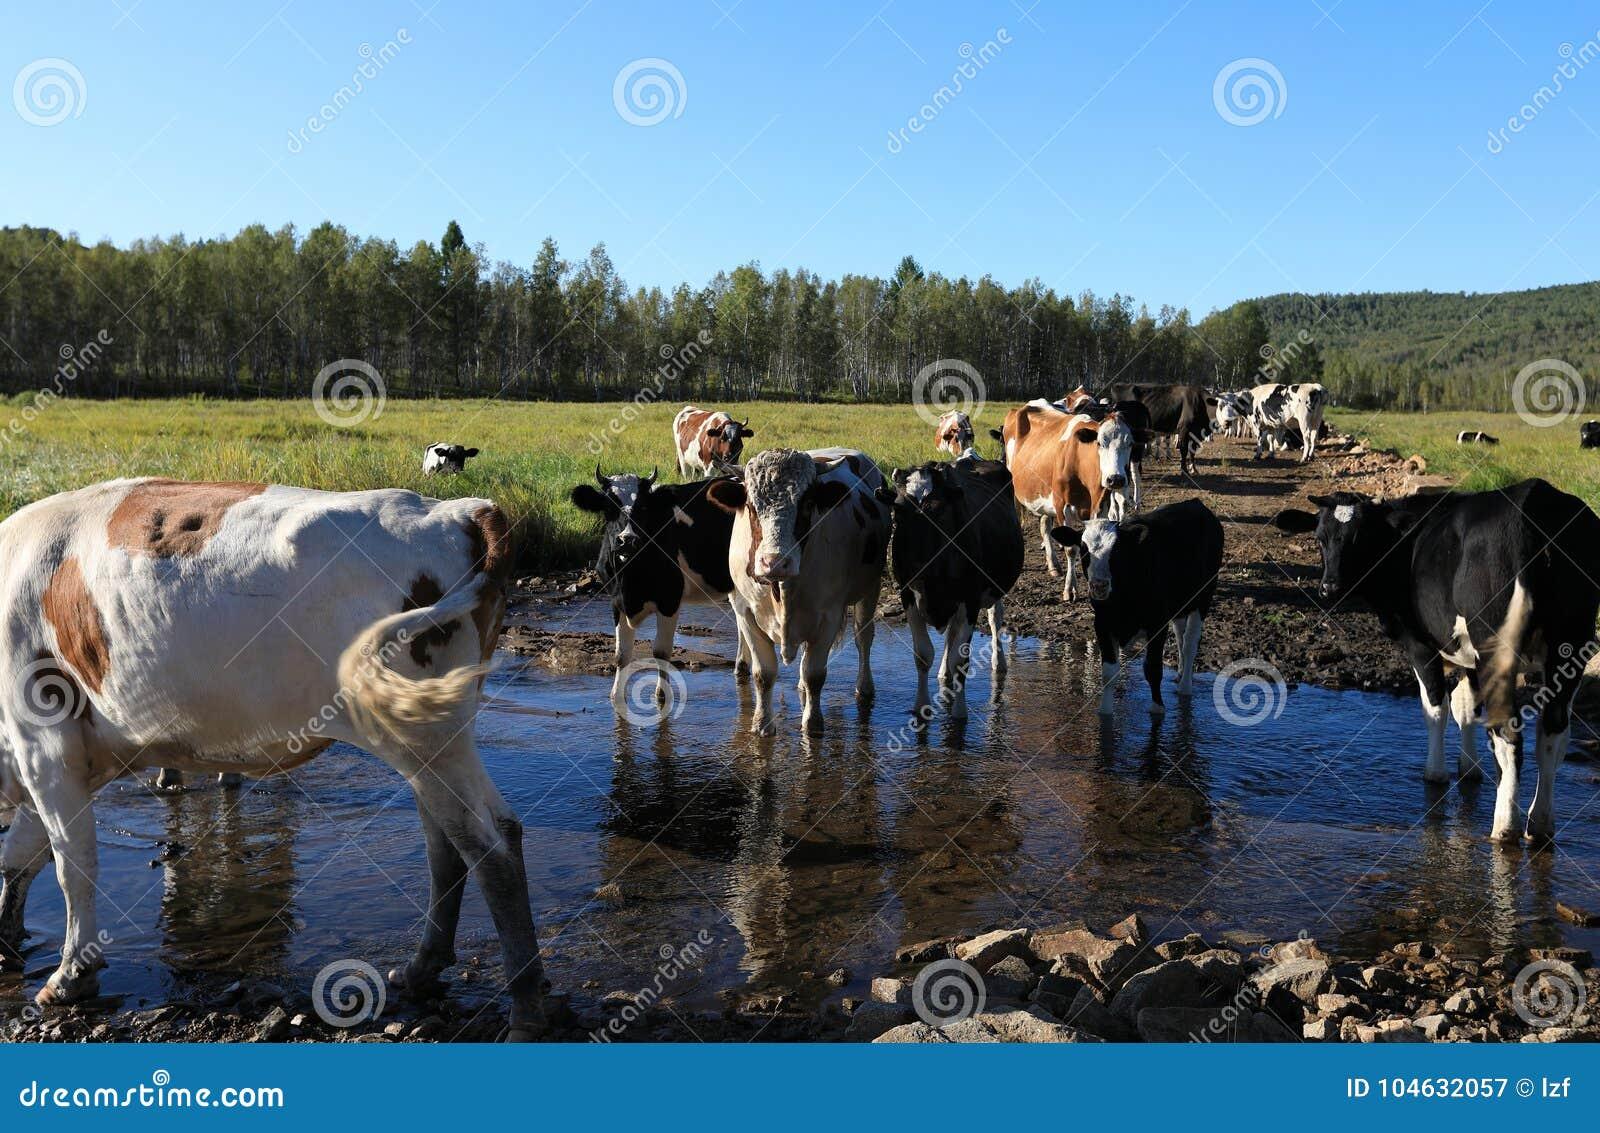 Download Koeien Die Door De Rivier Lopen Stock Afbeelding - Afbeelding bestaande uit naughty, nave: 104632057